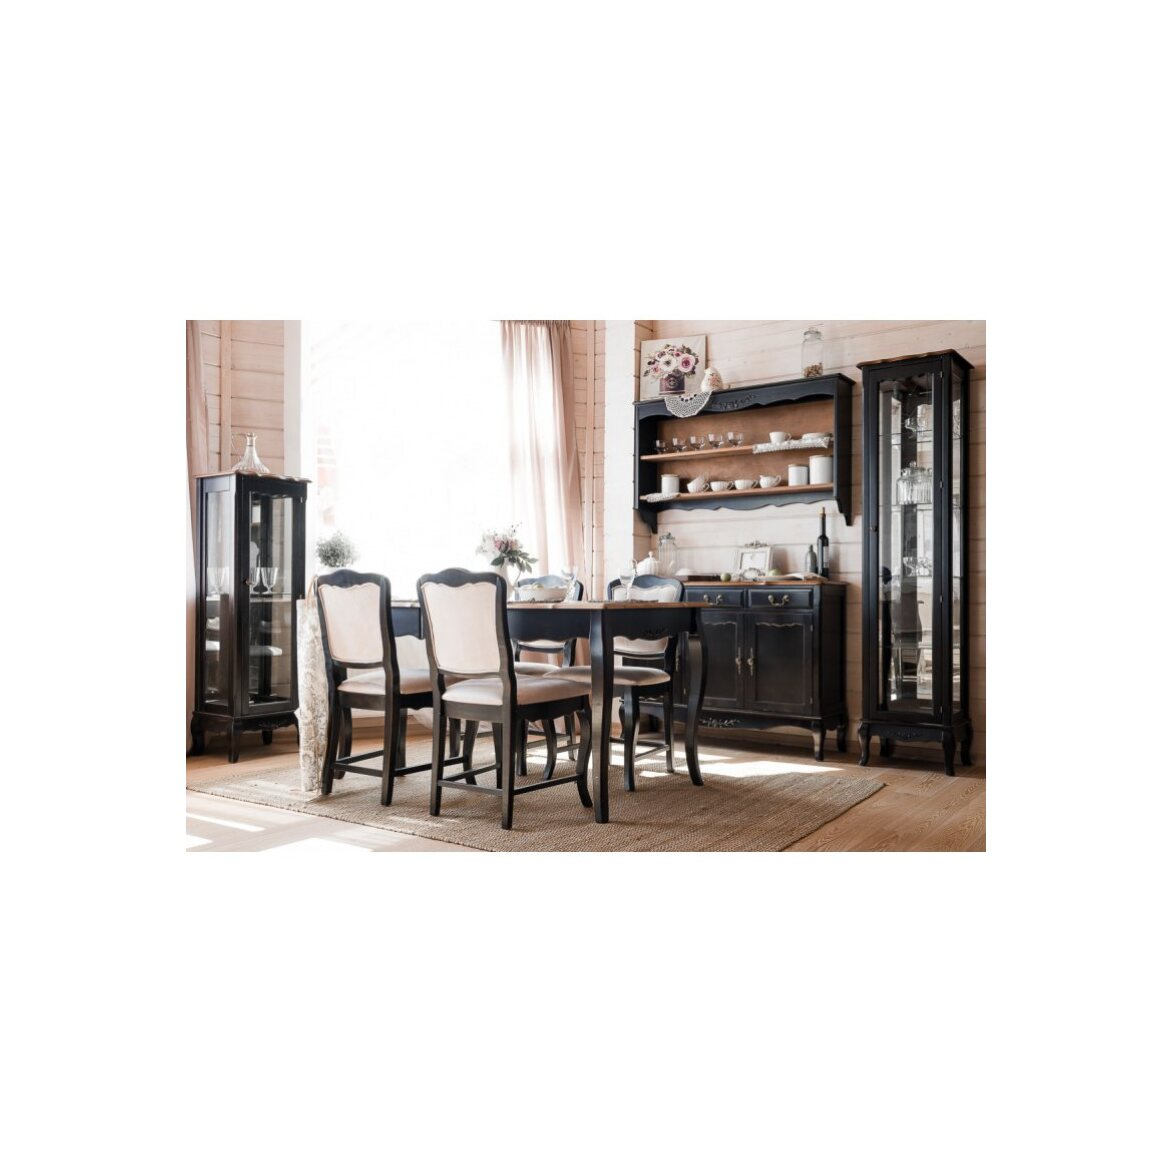 Стул с мягким сиденьем Leontina, черного цвета 4 | Обеденные стулья Kingsby